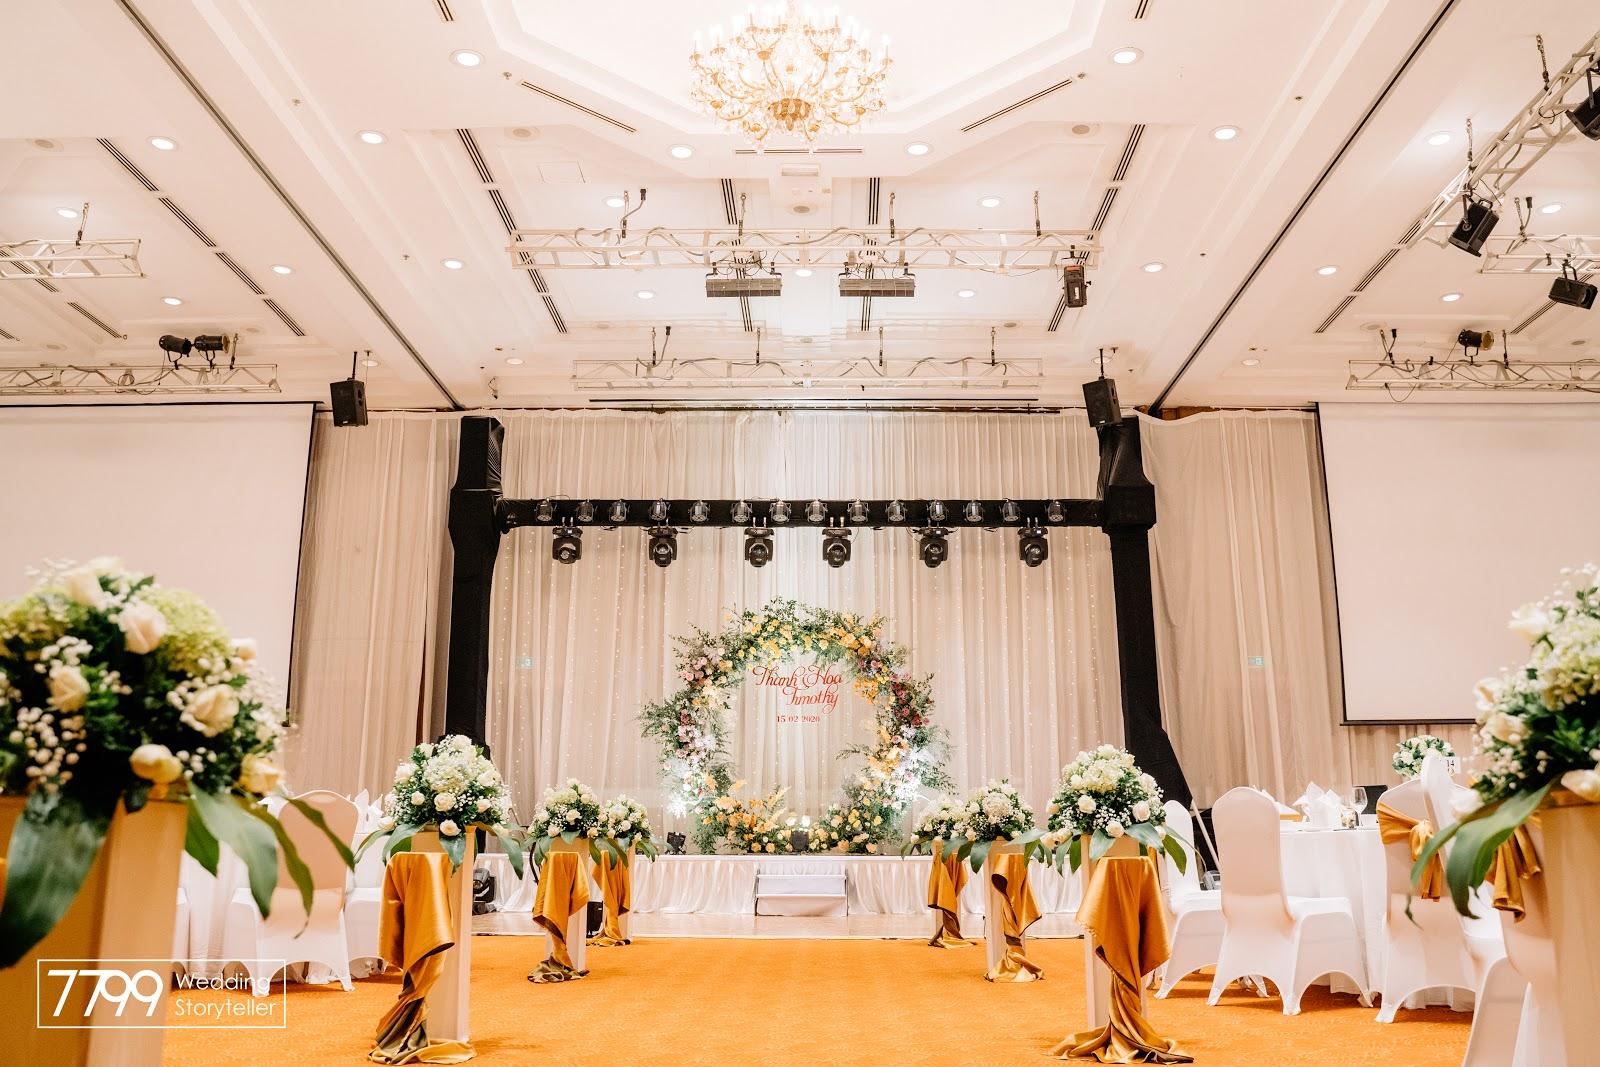 Cách chỉnh dàn âm thanh cho đám cưới đơn giản mà vẫn chuyên nghiệp